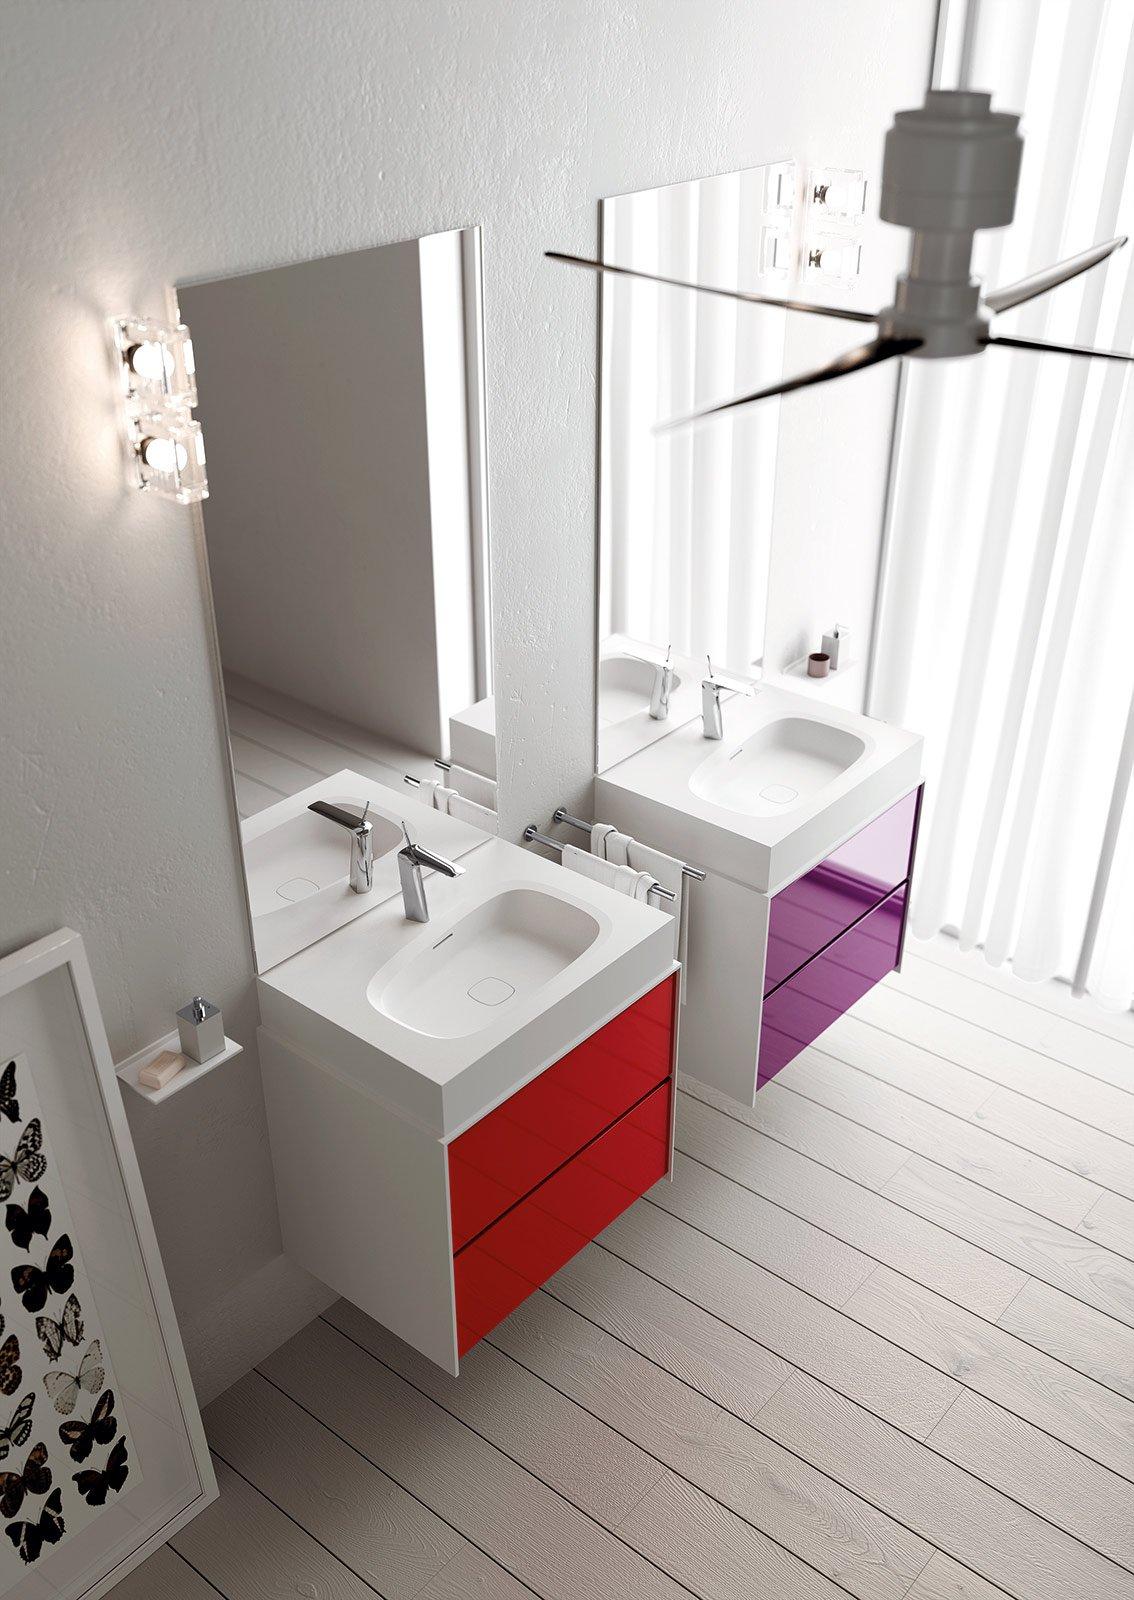 il mobile lavabo insideout di teuco realizzato con due cassetti sovrapposti in legno laccato nei